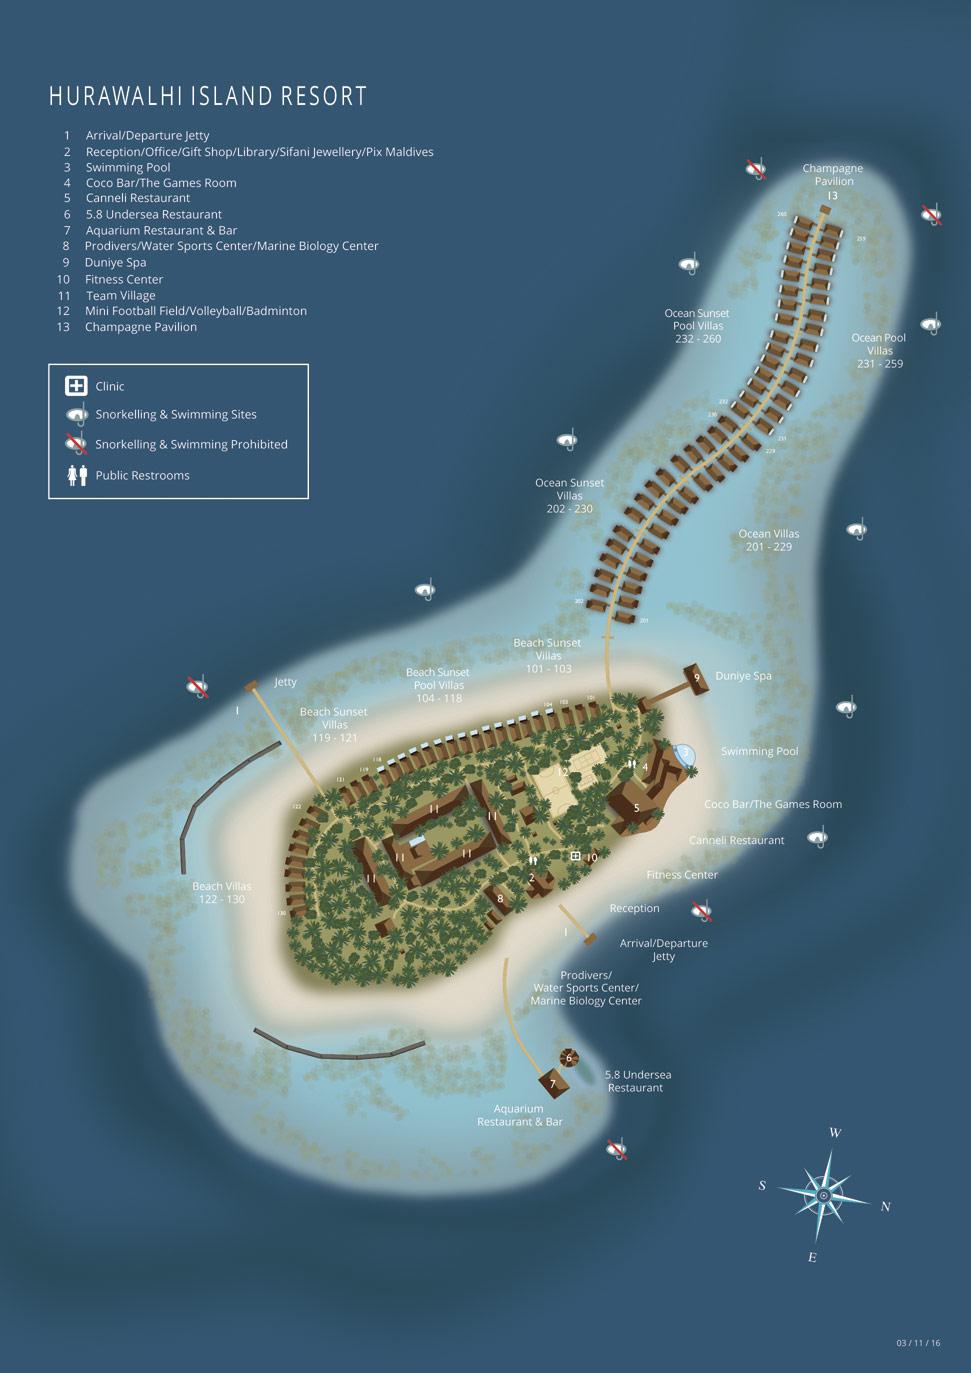 Lageplan Hurawalhi Island Resort